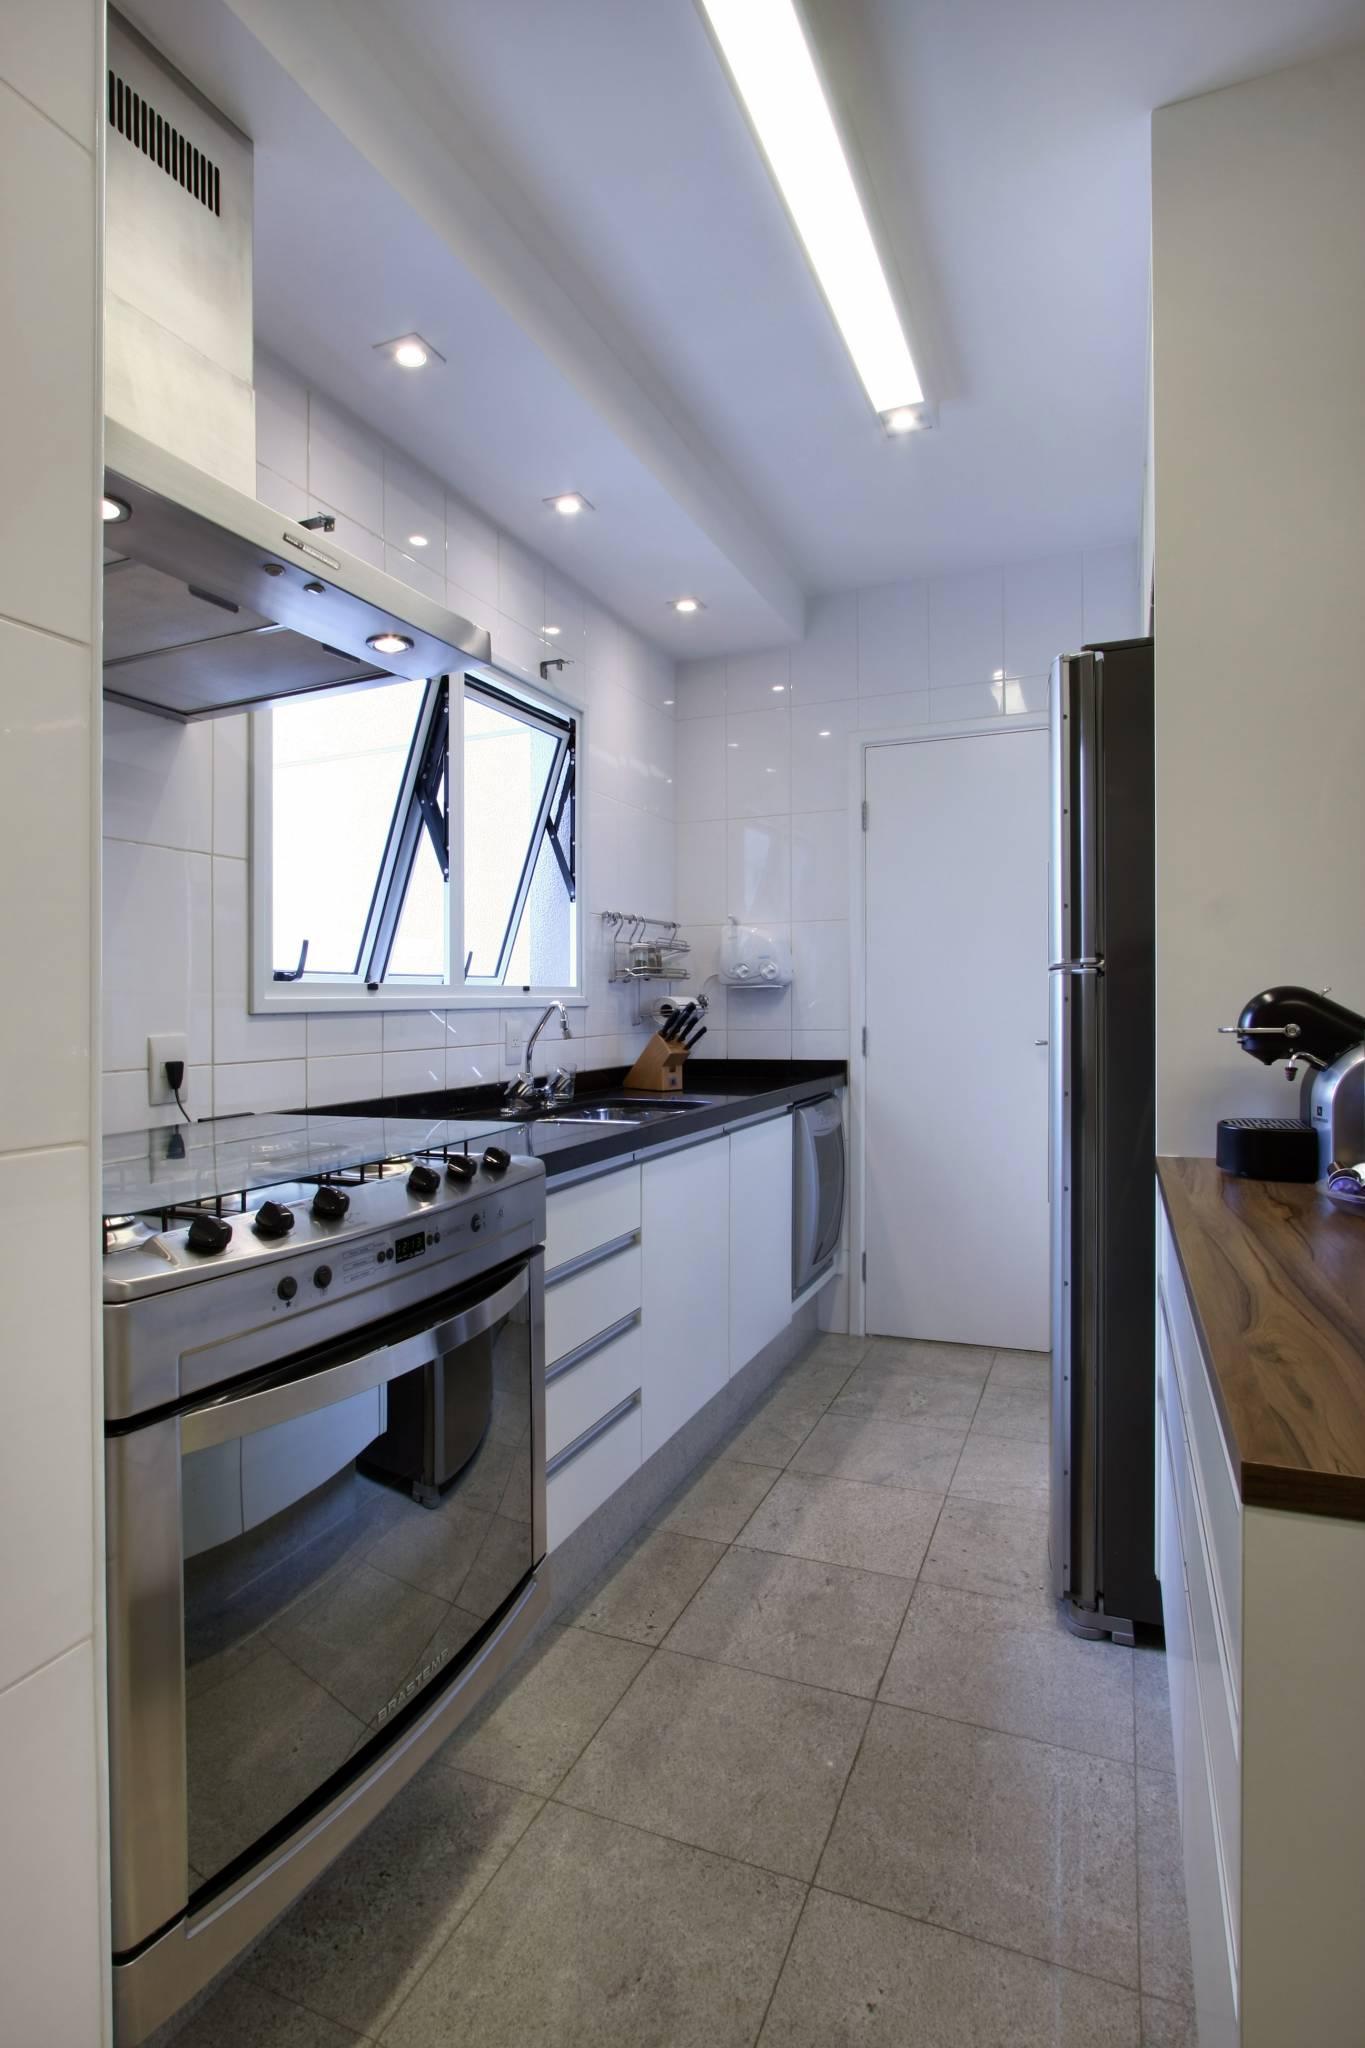 decorar uma cozinha : decorar uma cozinha: cozinha corredor como decorar uma cozinha simples como decorar uma